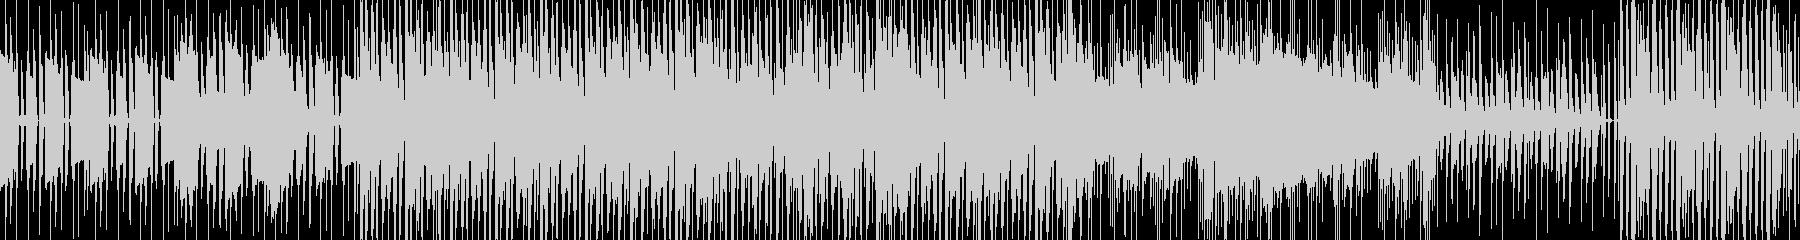 【ループ仕様】脱力系エレクトロニカの未再生の波形